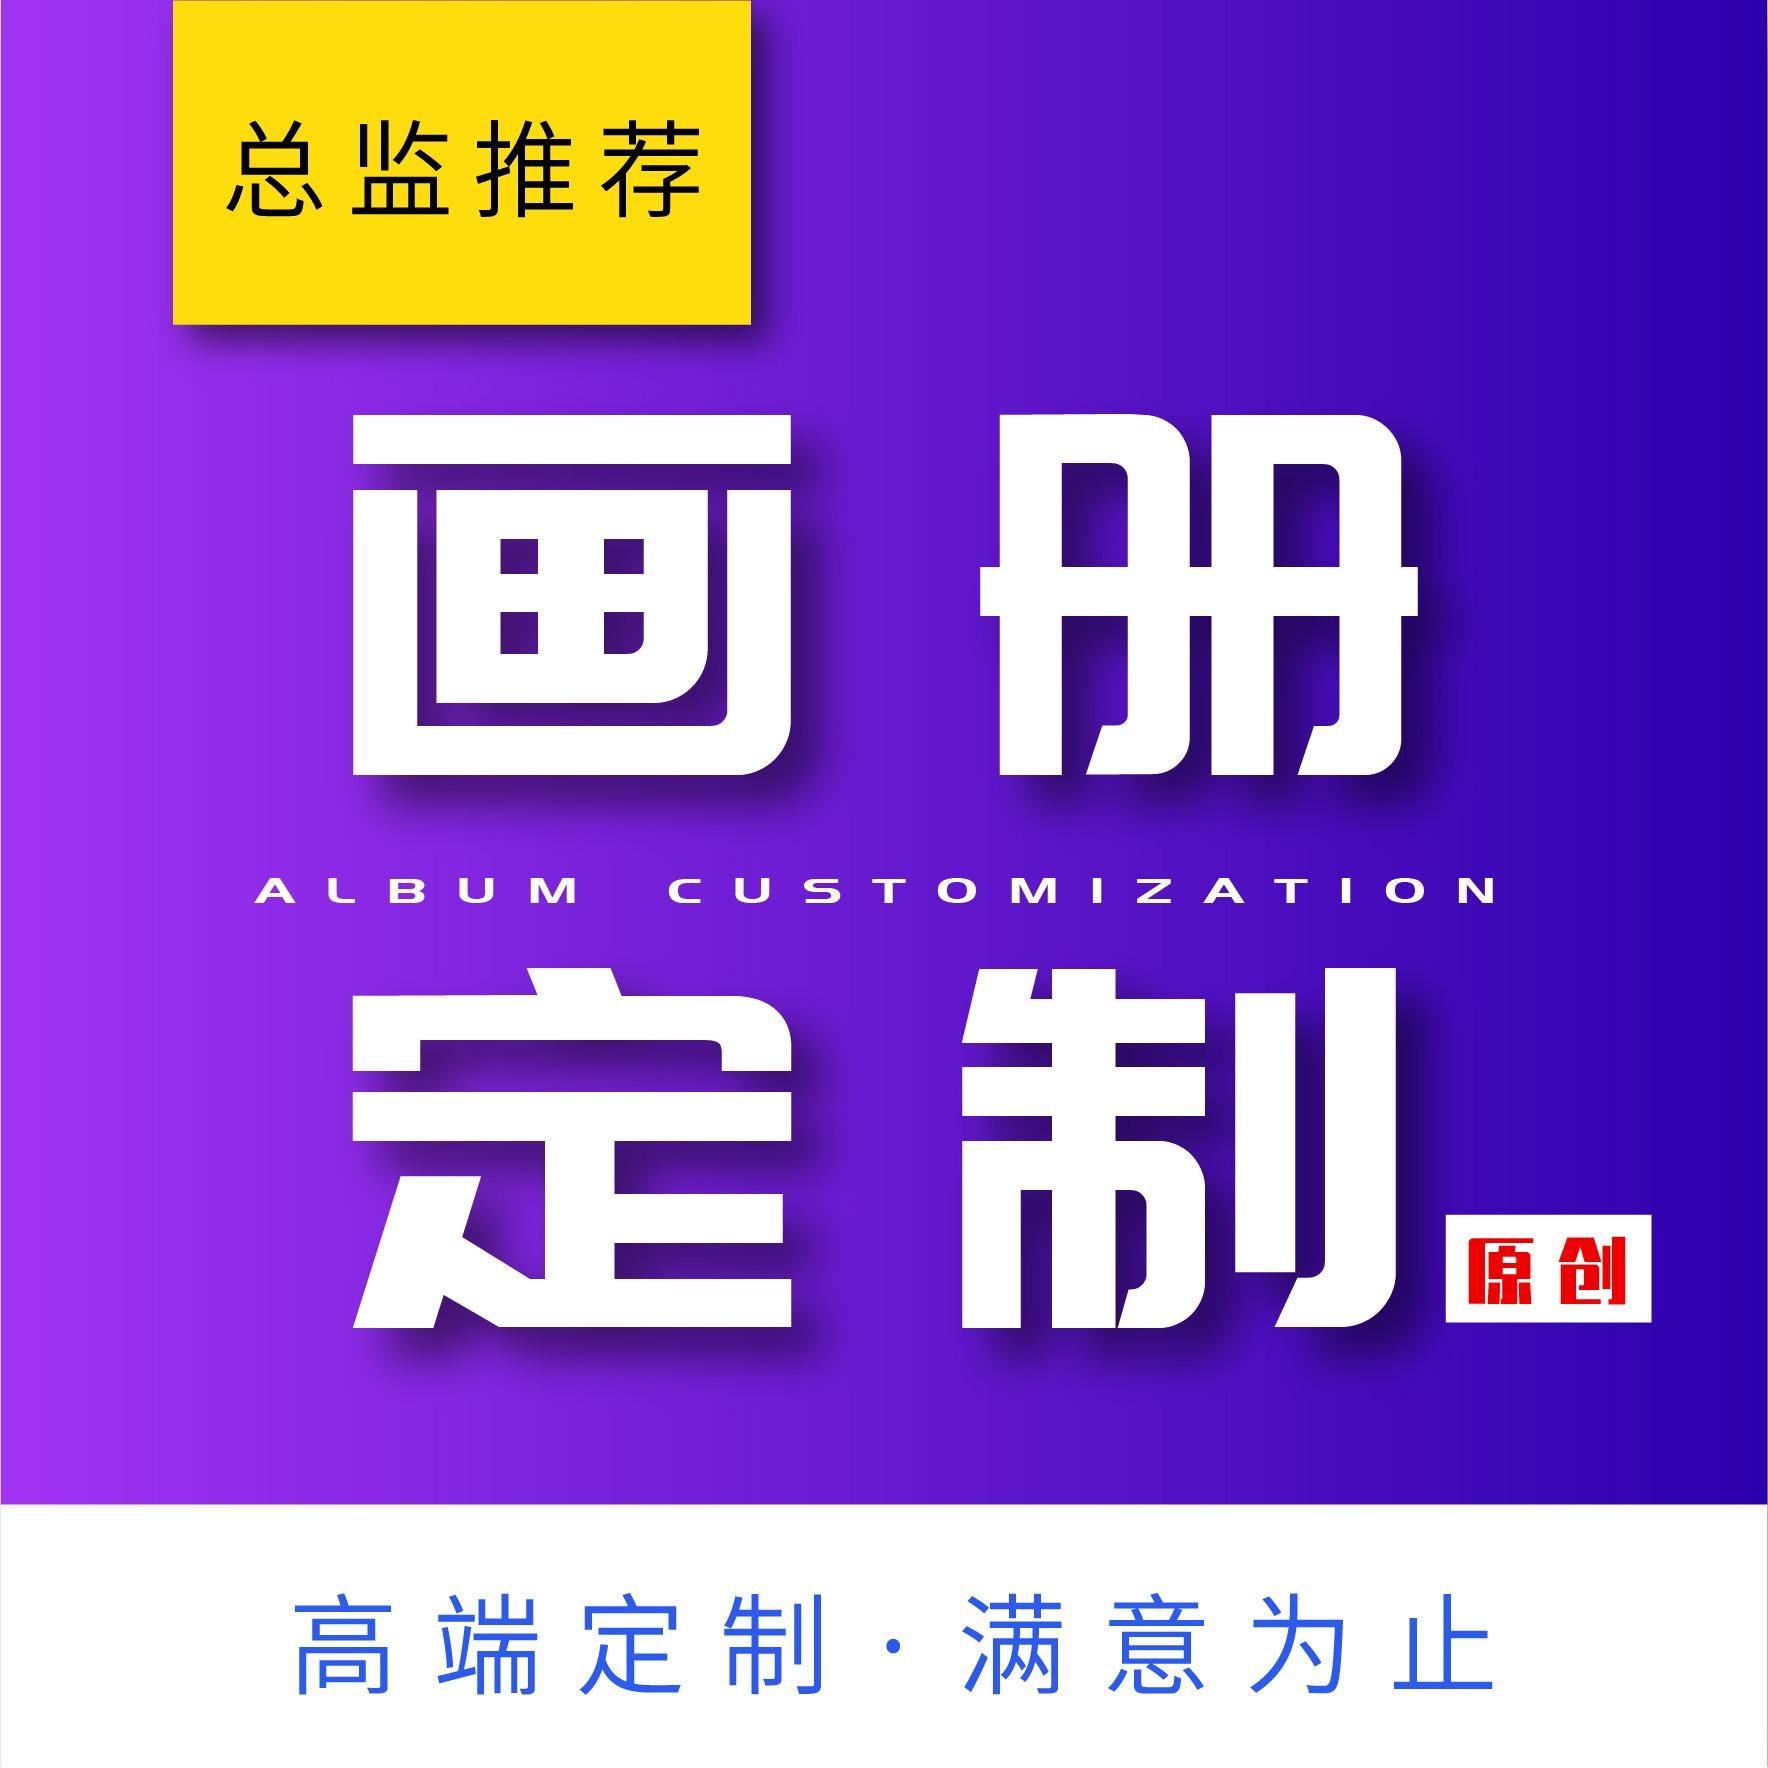 公司形象企业画册产品册 设计 封面画册 设计 科技时尚品牌宣传册 设计